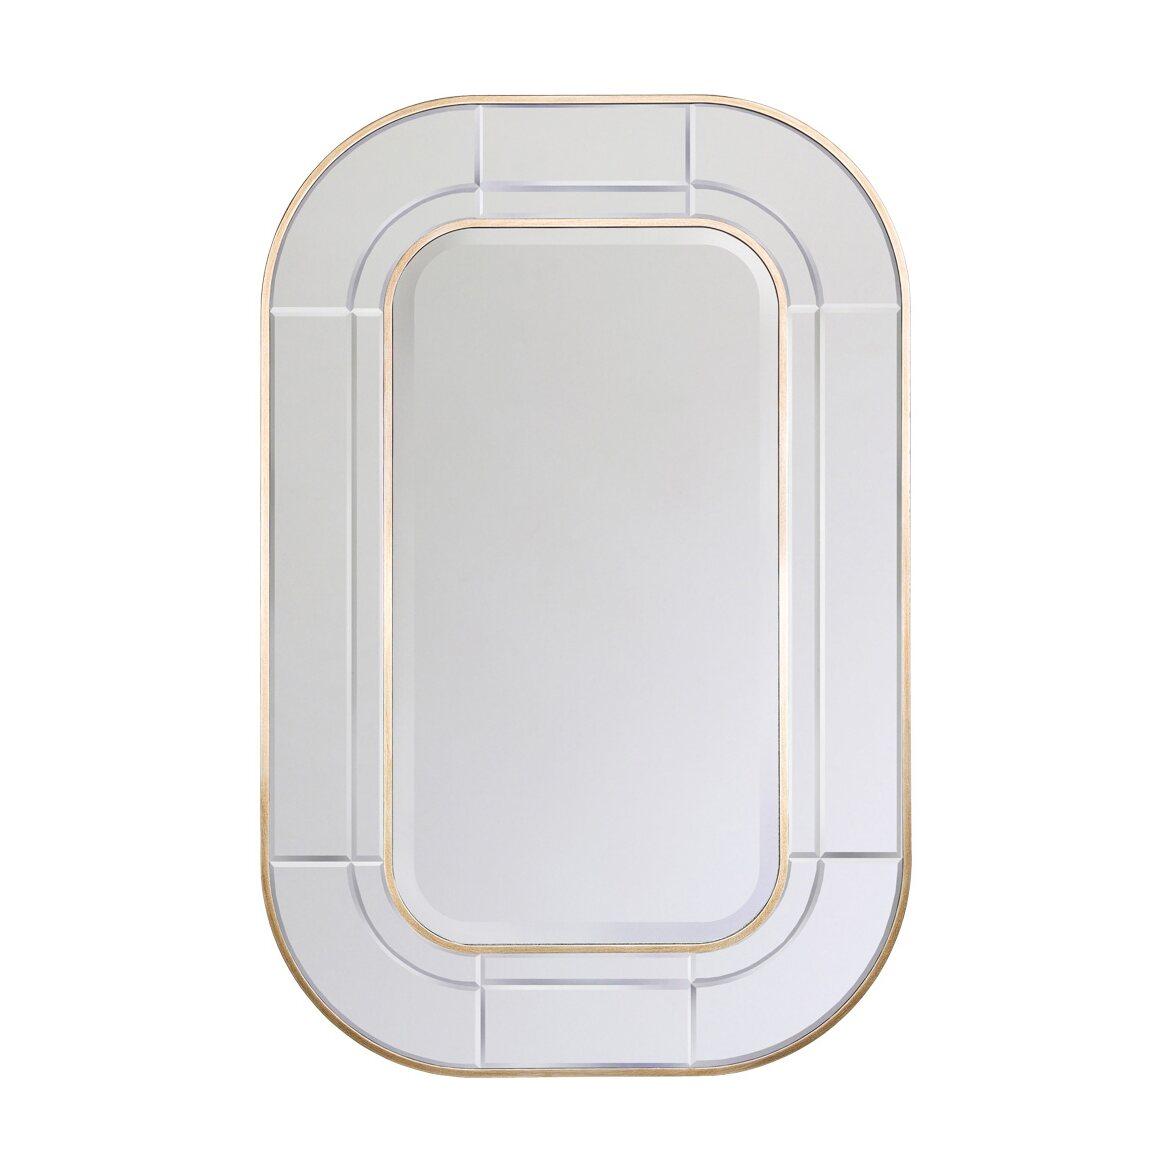 Настенное зеркало «Сати» | Настенные зеркала Kingsby